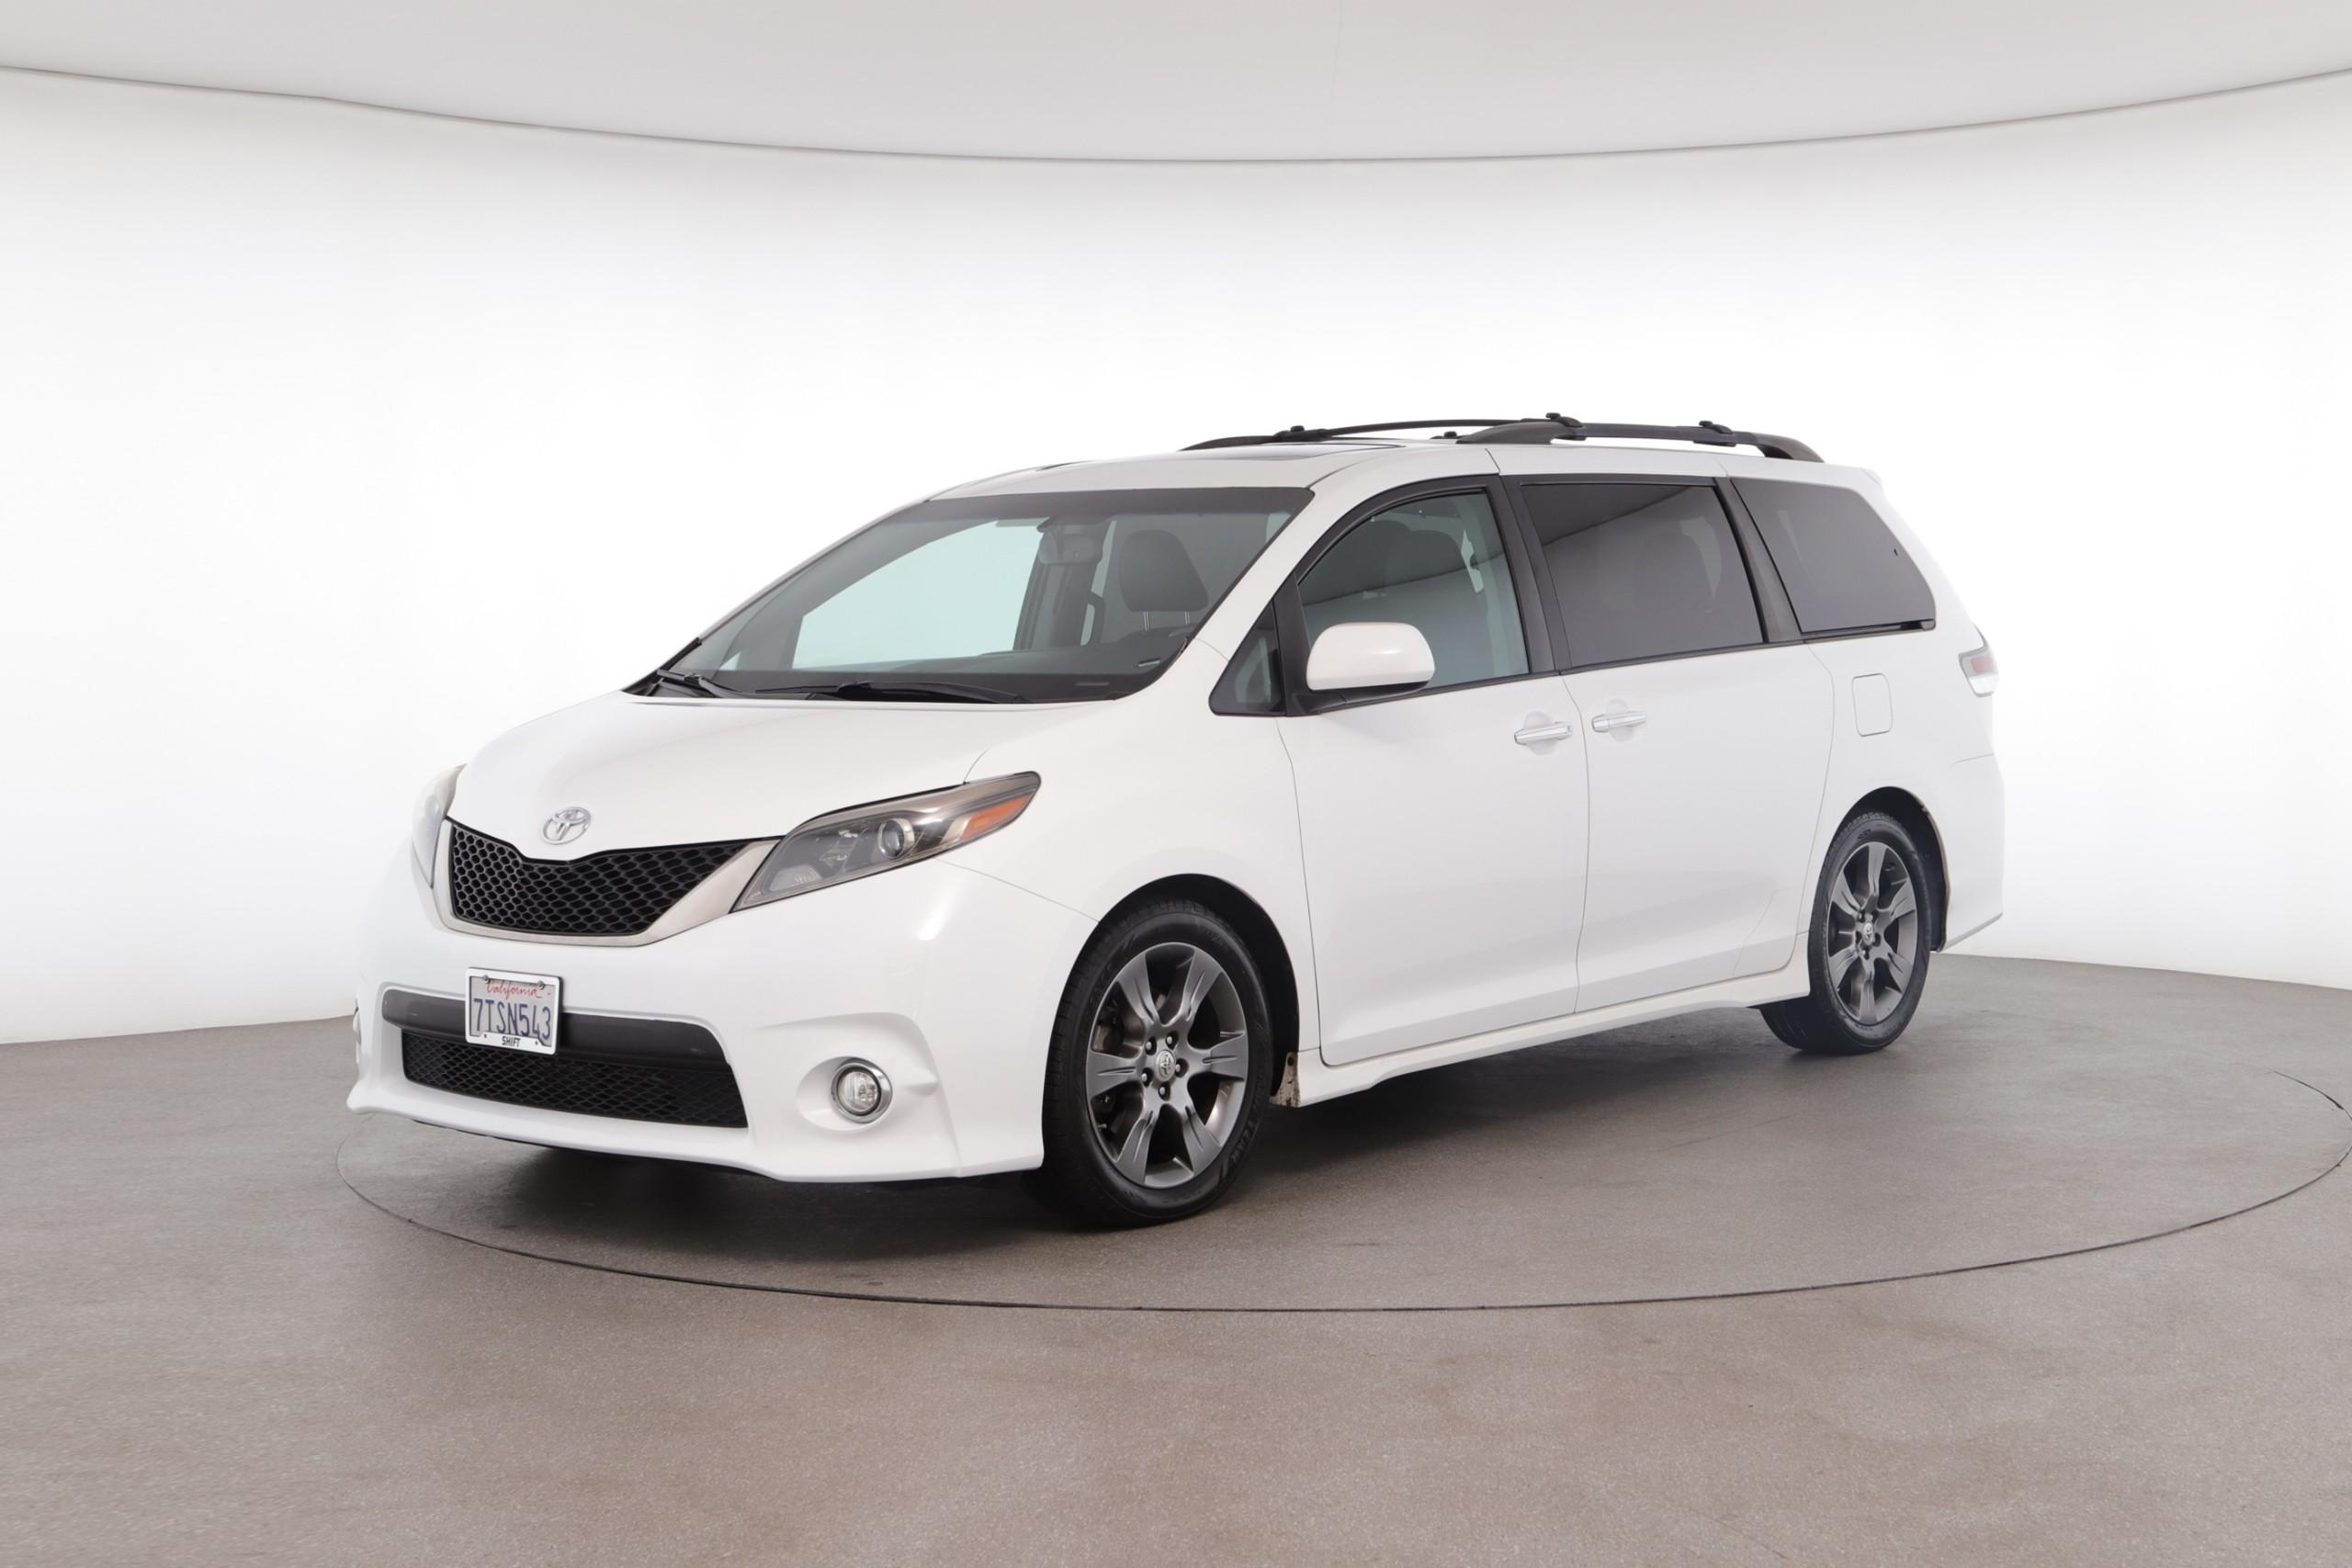 3. Toyota Sienna